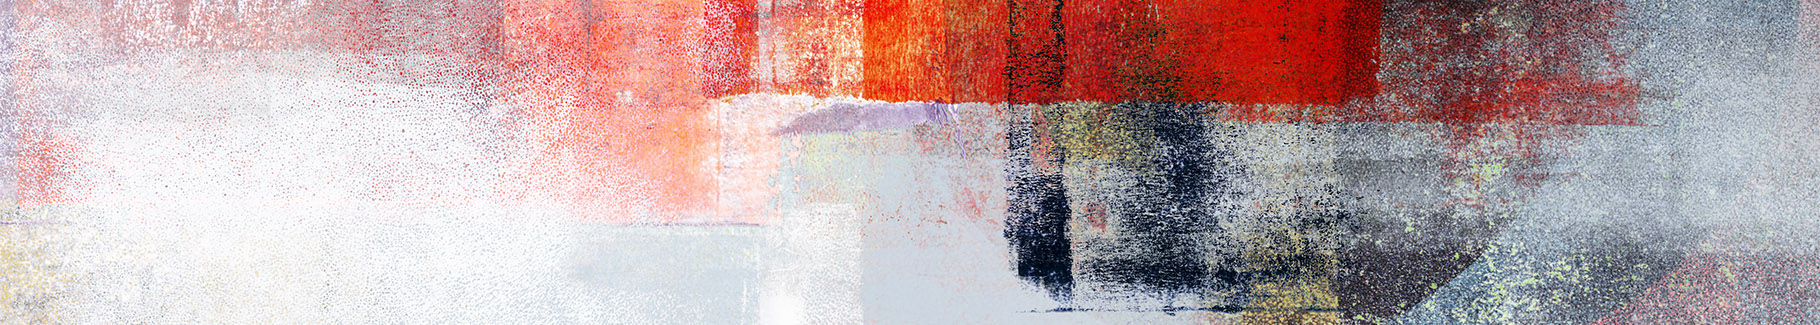 Obraz abstrakcja i czerwień